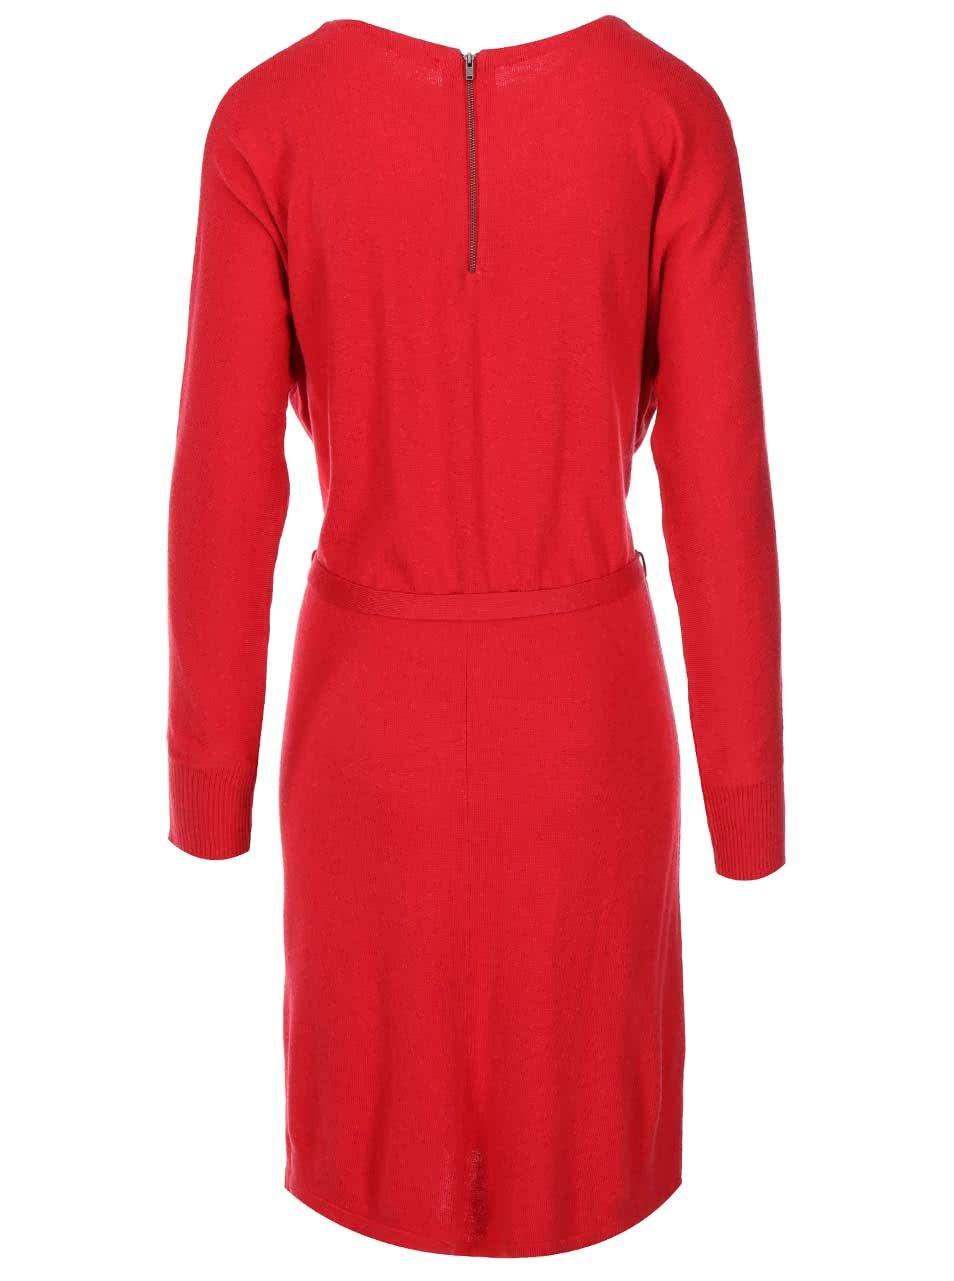 Červené úpletové šaty s dlouhým rukávem s.Oliver  4aaf160d58b